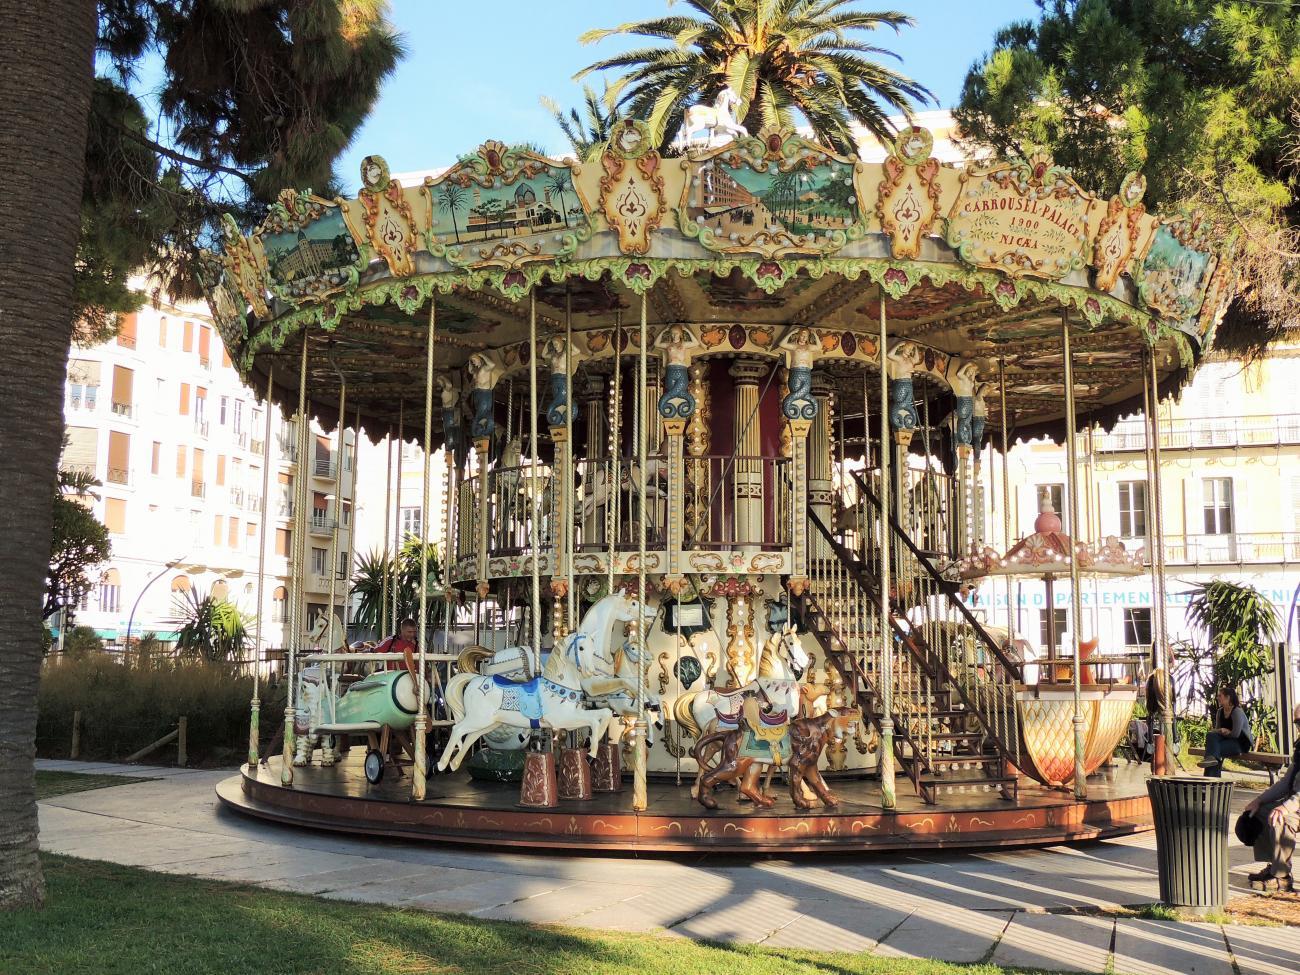 Manège Jardin Promenade des Anglais